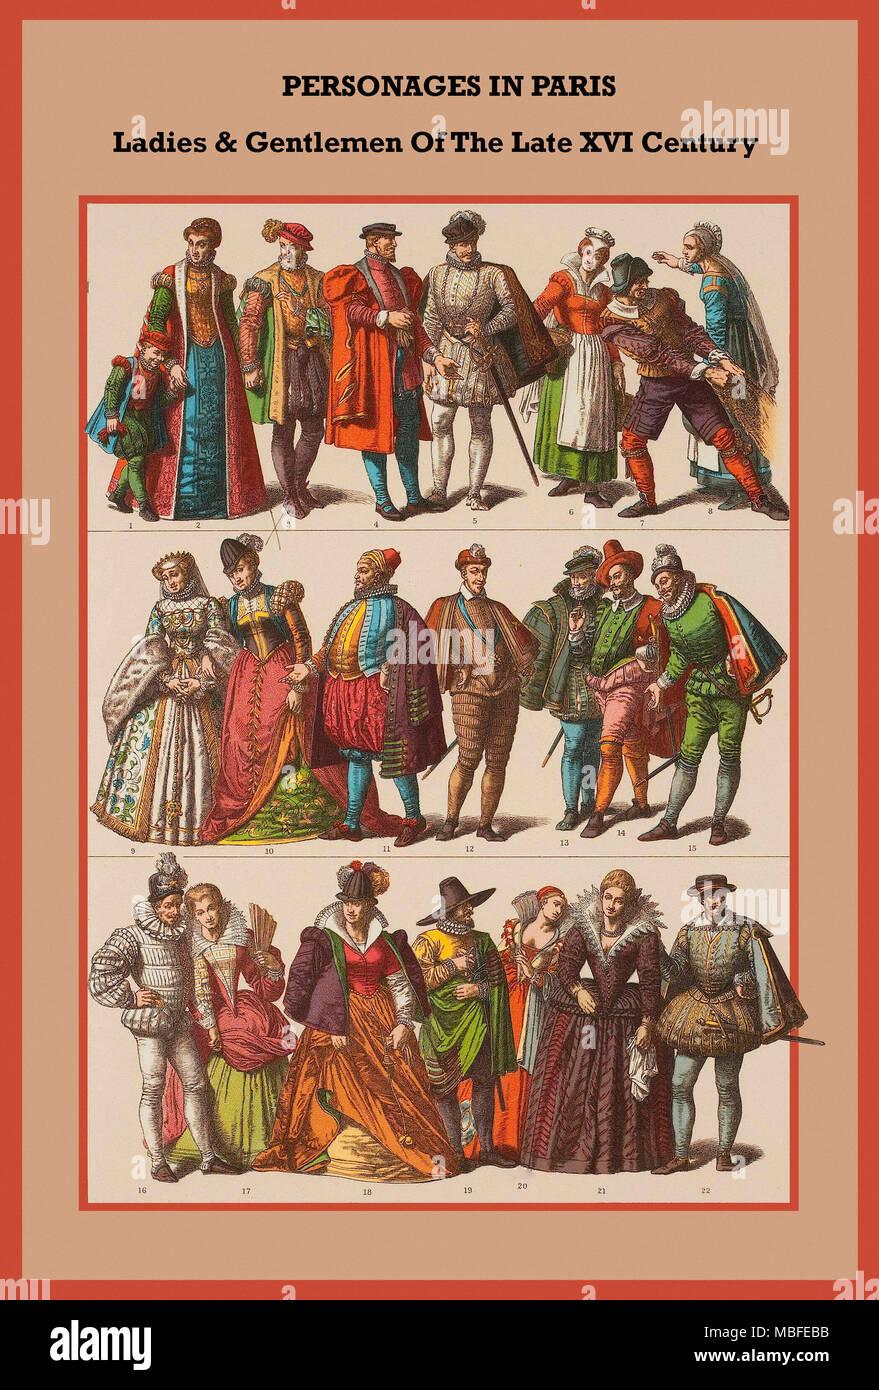 Personages in Paris ladies & gentlemen of the late XVi Century, - Stock Image